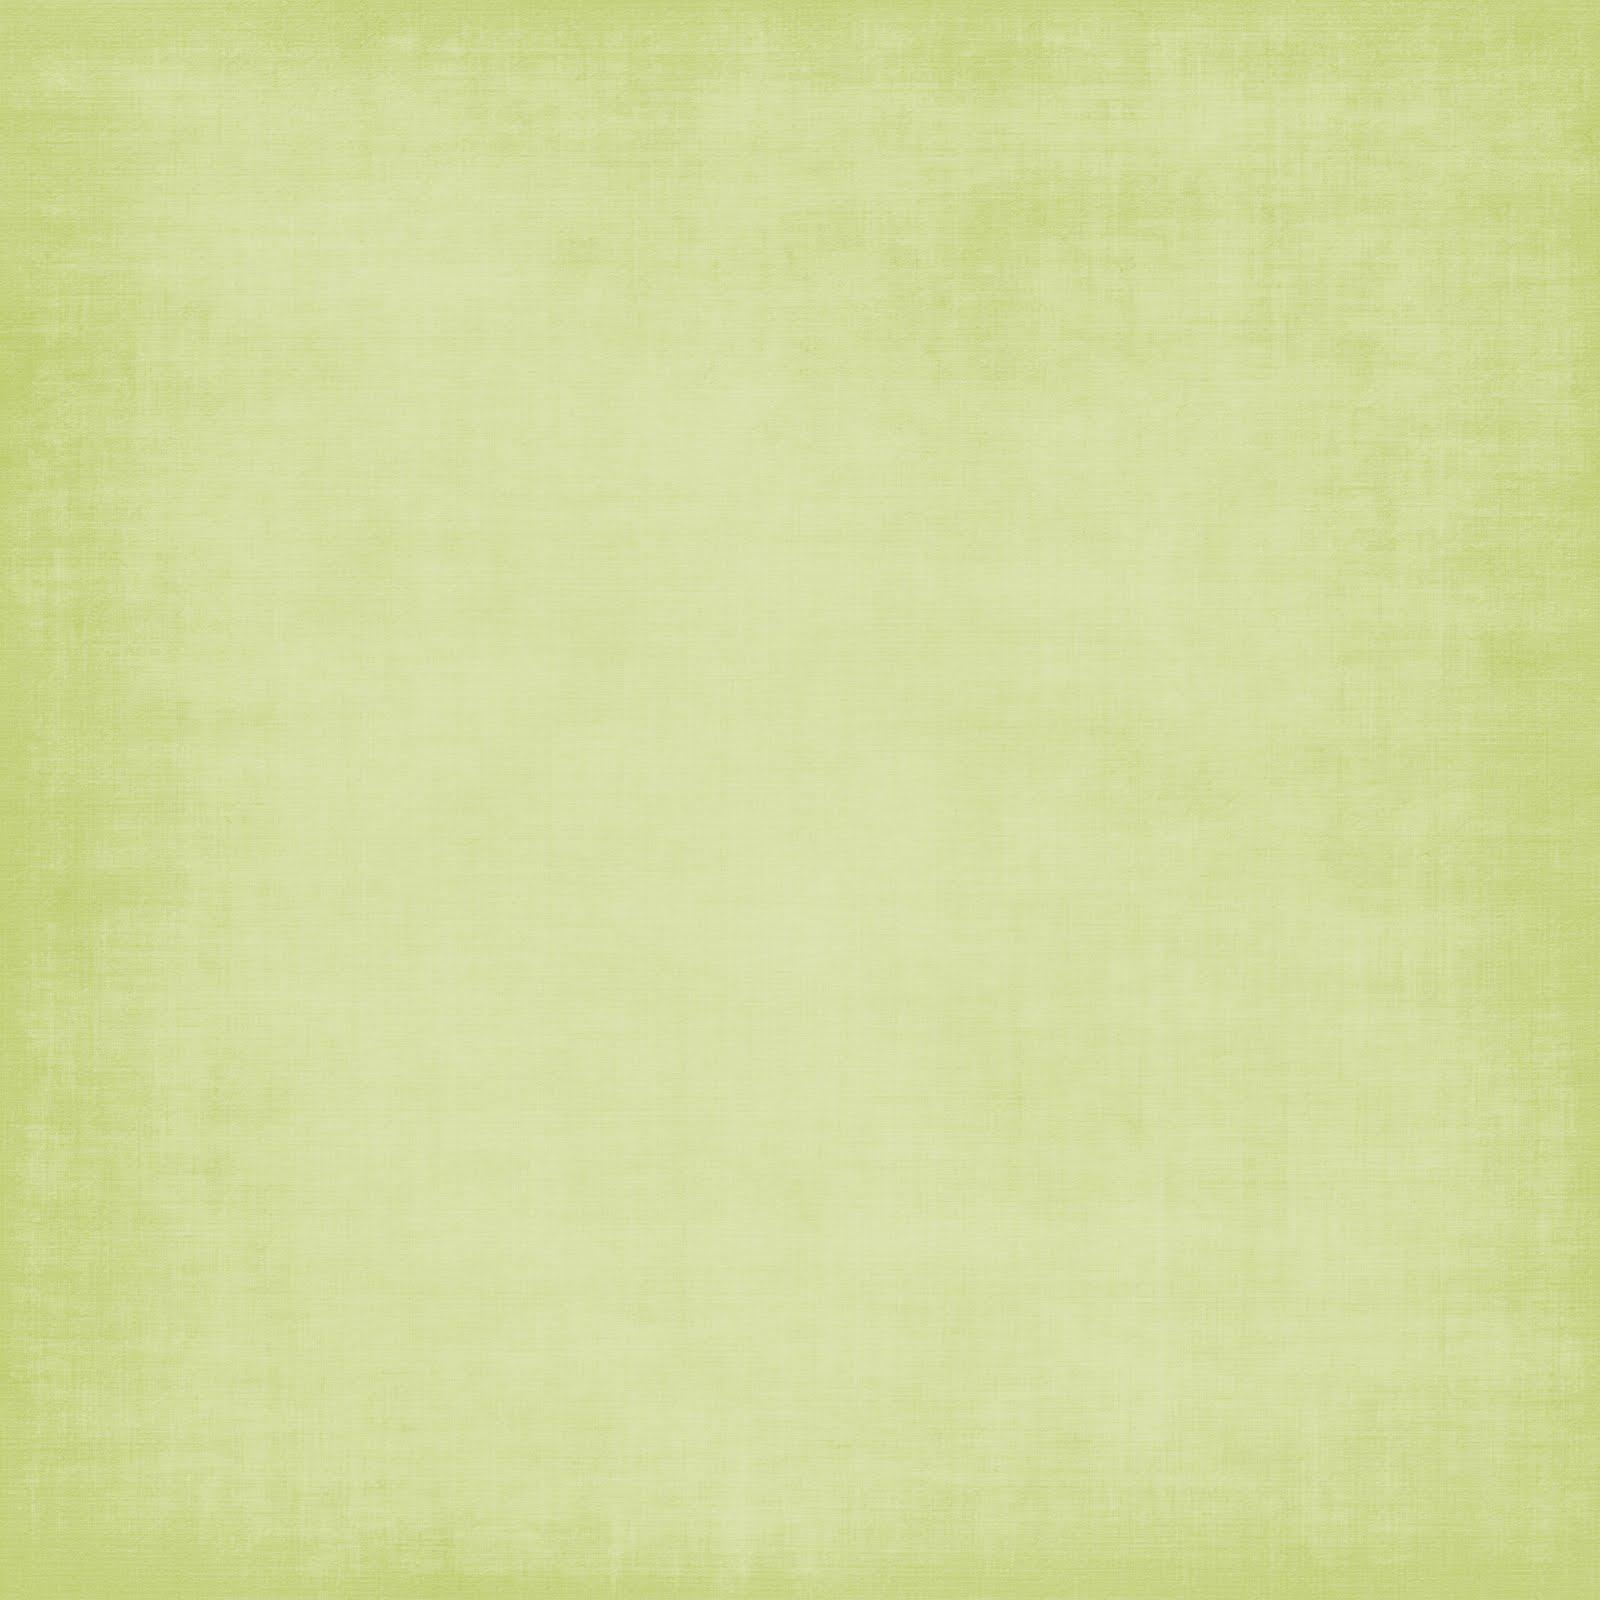 Recursos infantiles: Fondos lisos verde y amarillo